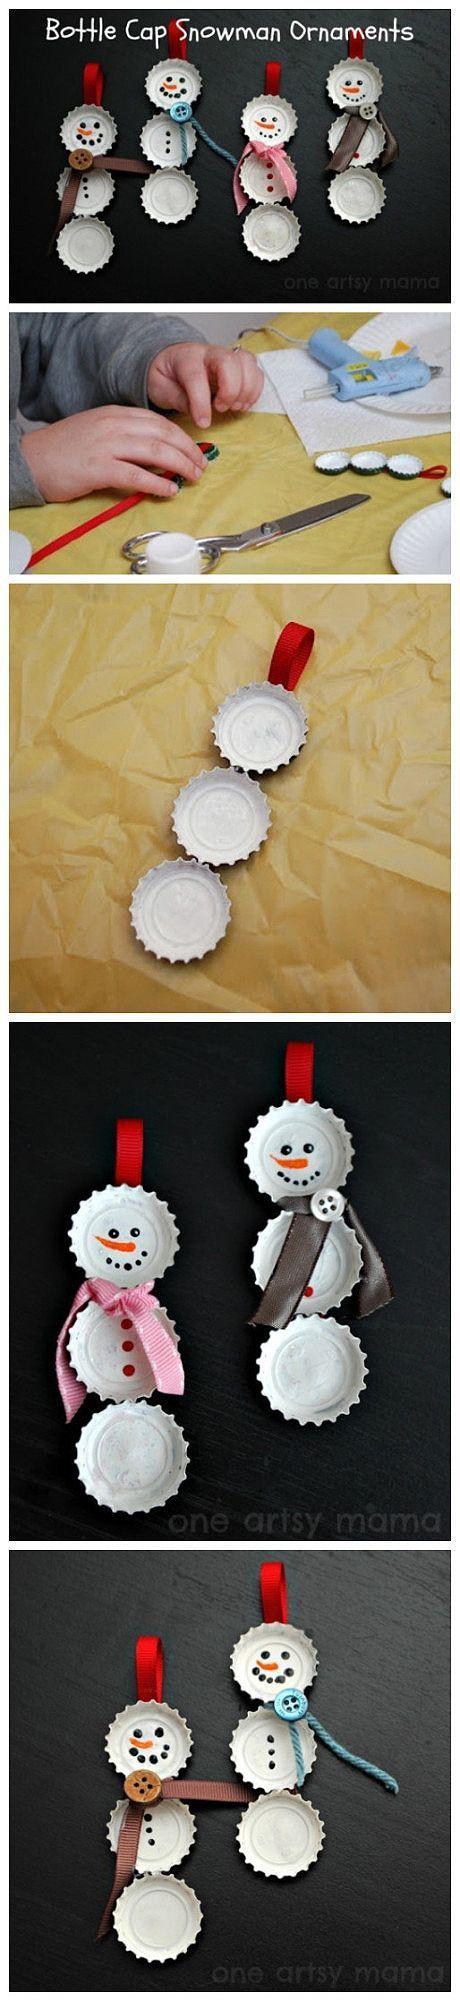 bottle cap snowman